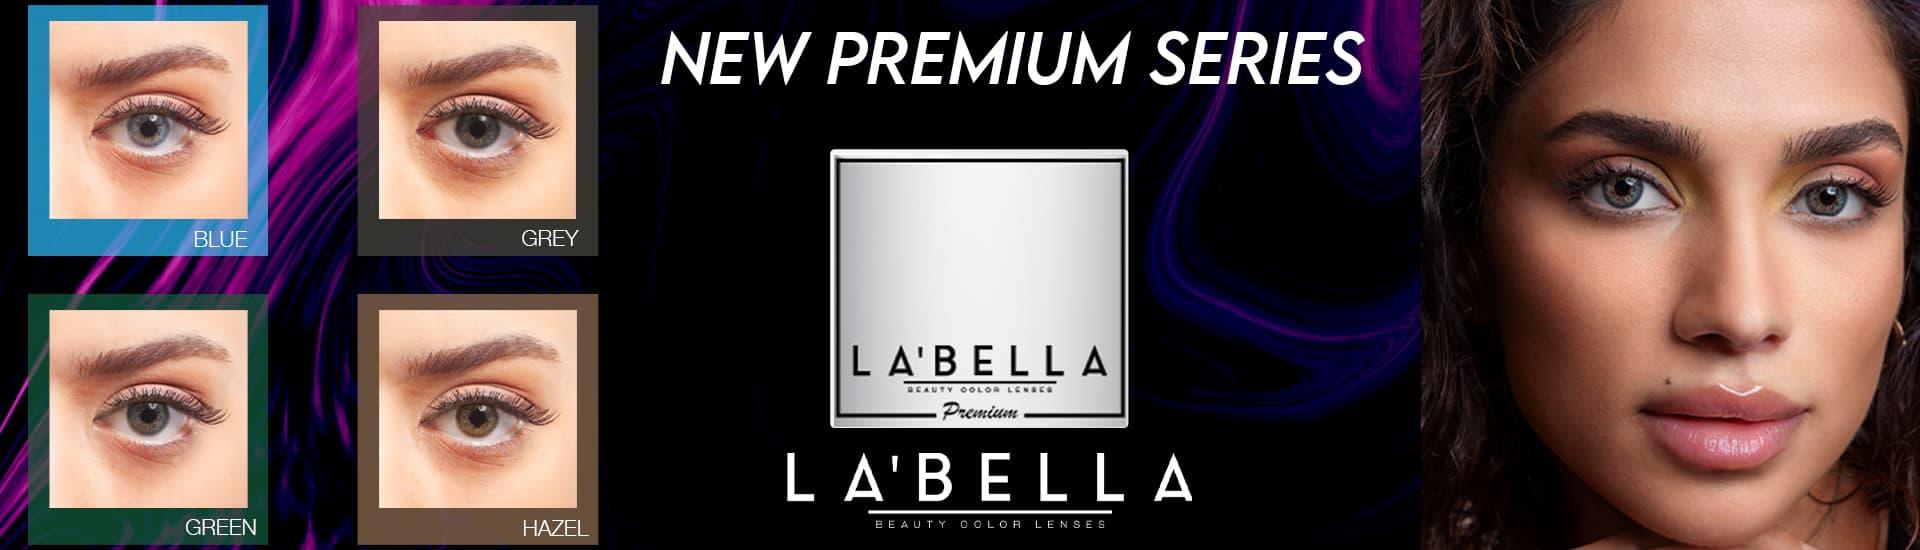 New Premium